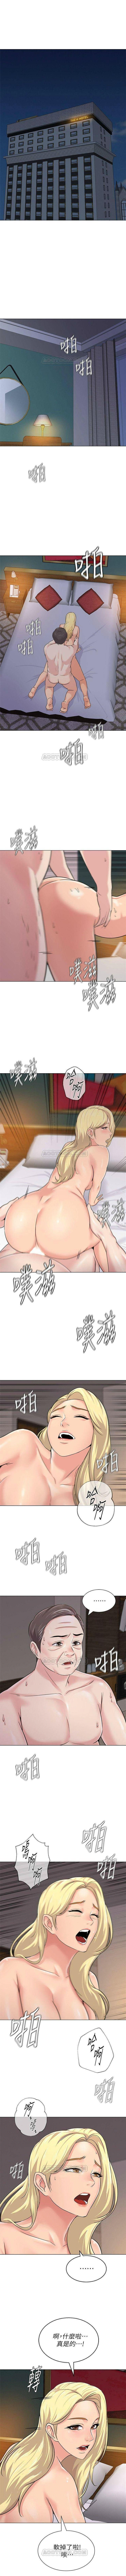 老師 1-80 官方中文(連載中) 402